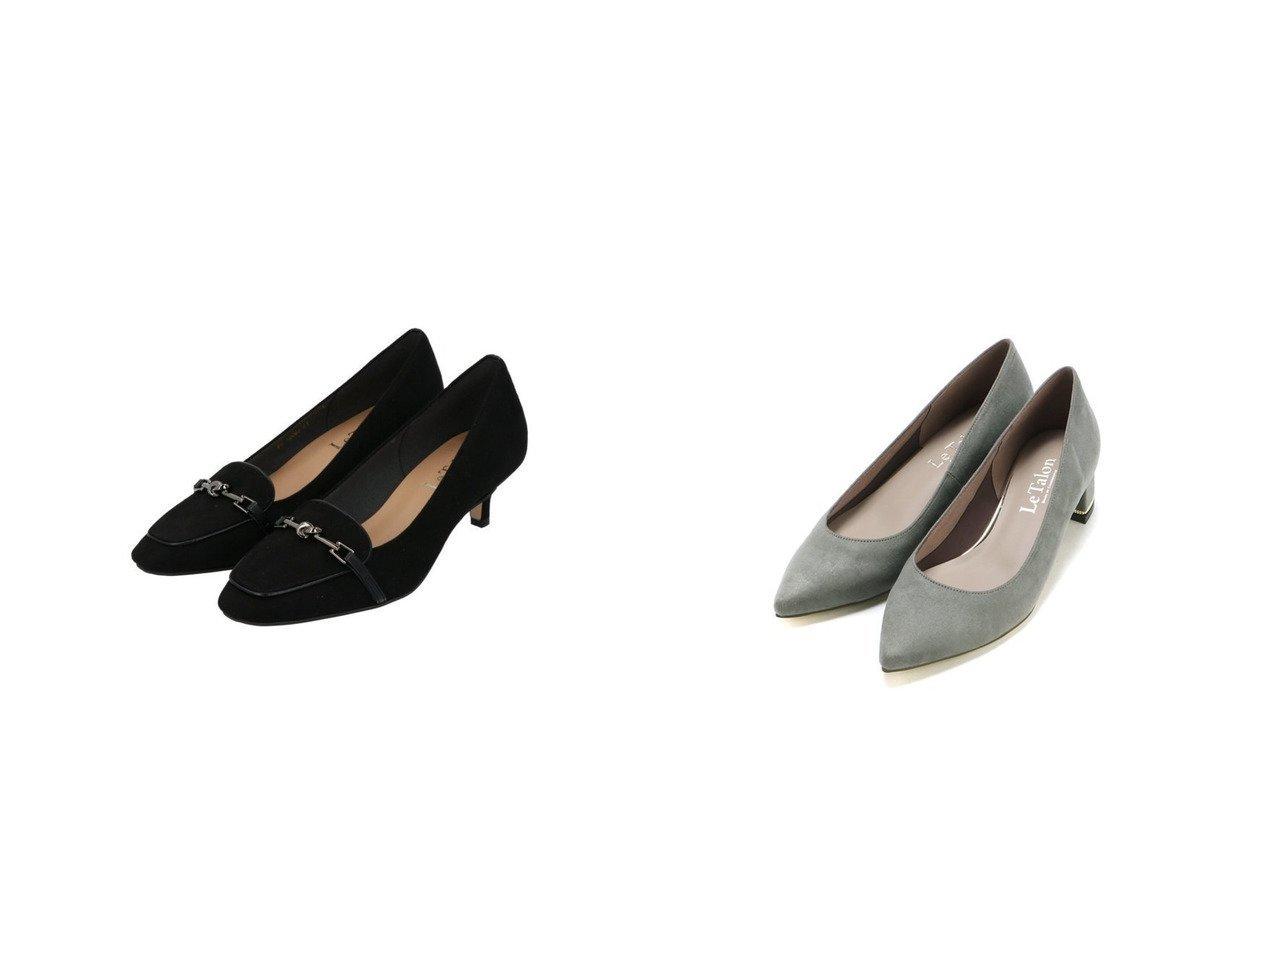 【Le Talon/ル タロン】の4.5cmフロントノットローファーPS&4cmチェーンヒールPS(22-25) シューズ・靴のおすすめ!人気、トレンド・レディースファッションの通販  おすすめで人気の流行・トレンド、ファッションの通販商品 メンズファッション・キッズファッション・インテリア・家具・レディースファッション・服の通販 founy(ファニー) https://founy.com/ ファッション Fashion レディースファッション WOMEN 2020年 2020 2020-2021 秋冬 A/W AW Autumn/Winter / FW Fall-Winter 2020-2021 A/W 秋冬 AW Autumn/Winter / FW Fall-Winter クール シューズ スクエア フォーマル インソール クッション シンプル チェーン |ID:crp329100000009818